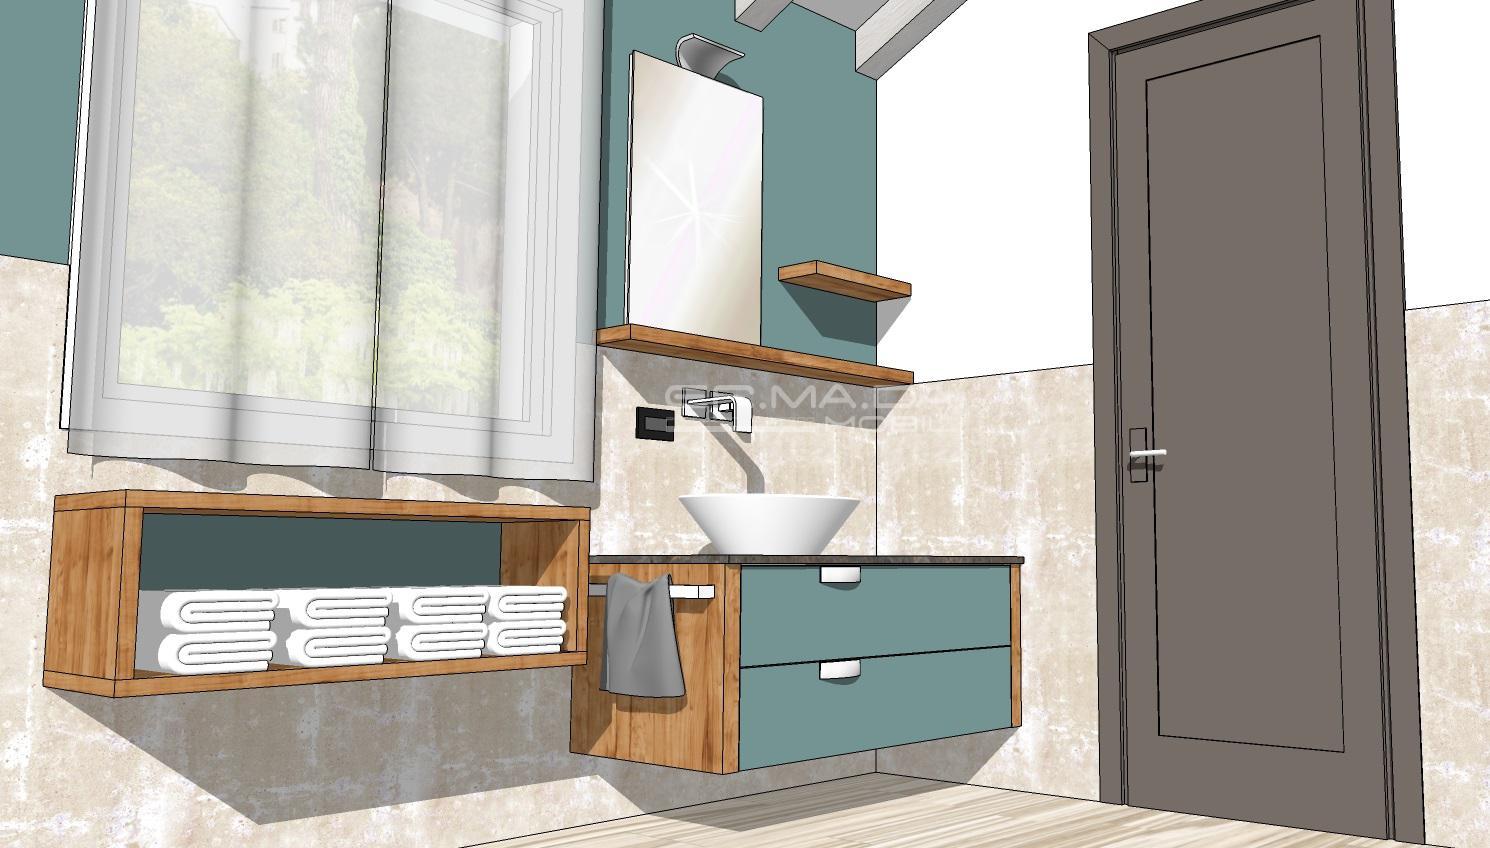 bagno 1 er ma da mobilificio progetta e costruisce